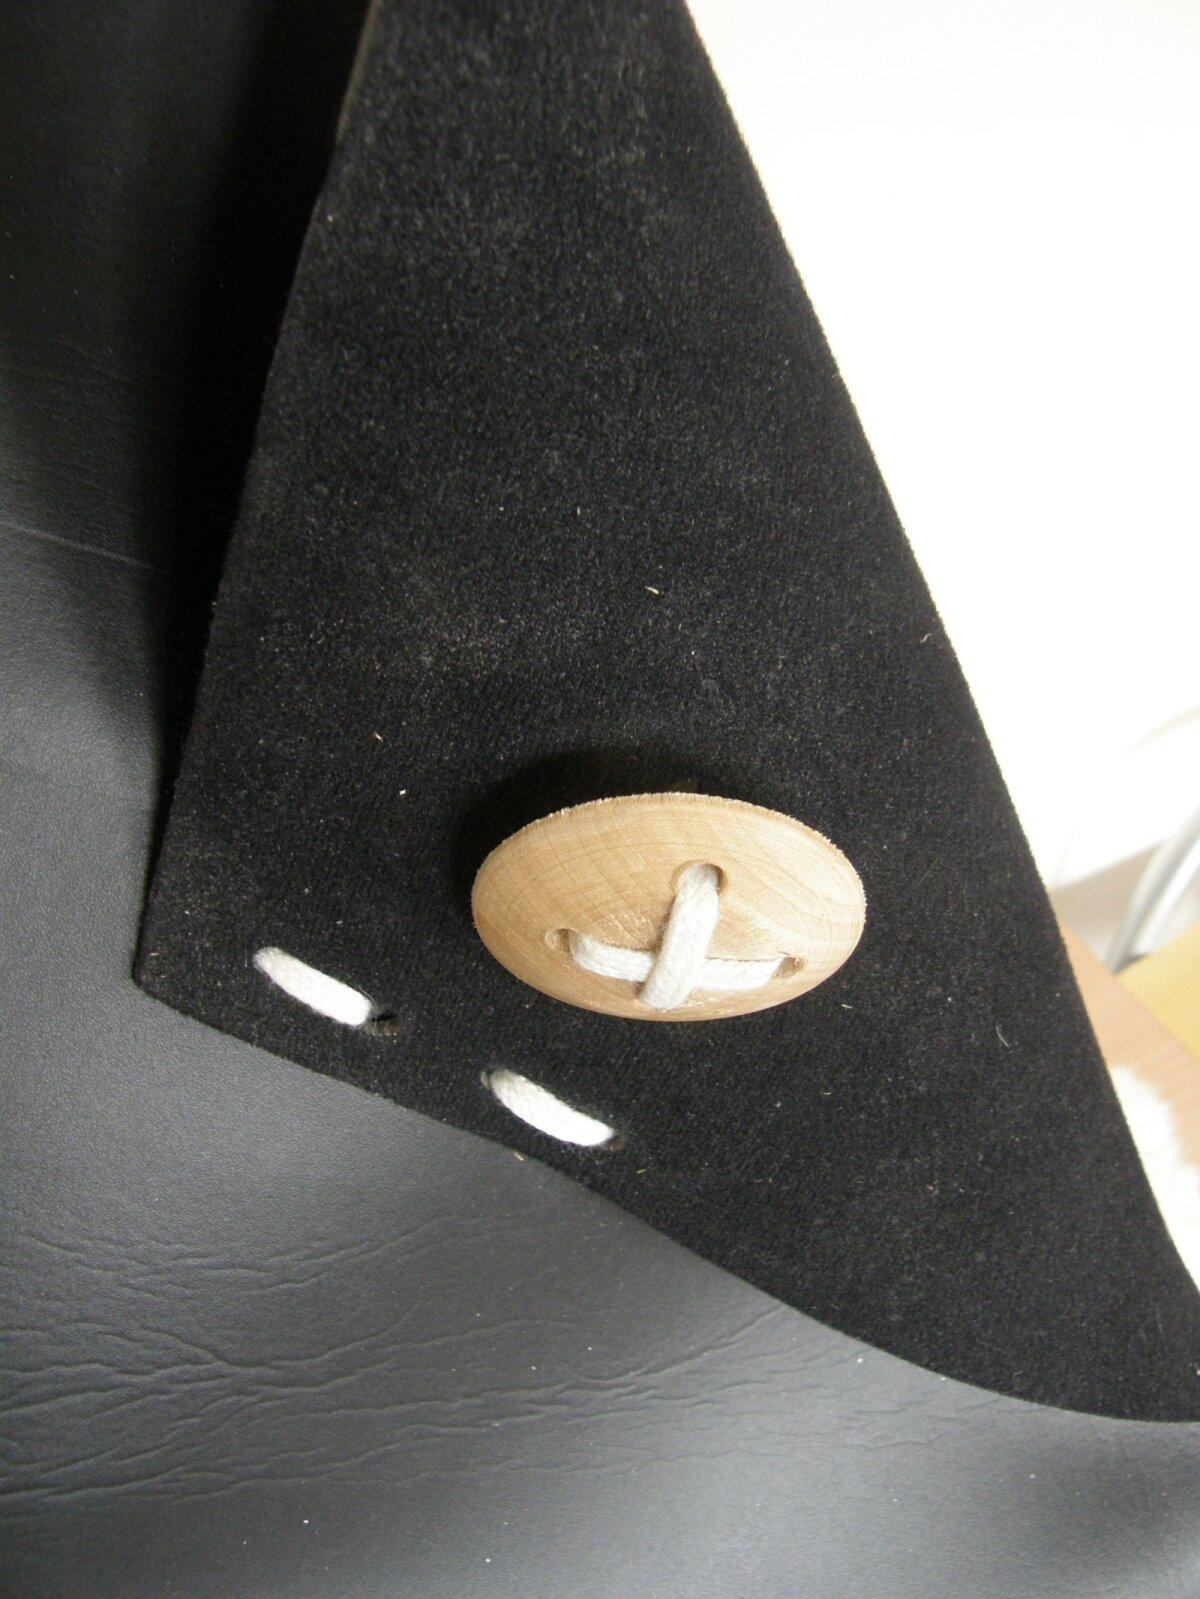 Pesa avause servad on tagasi keeratud ja dekoratiivse nööbiga kinnitatud.